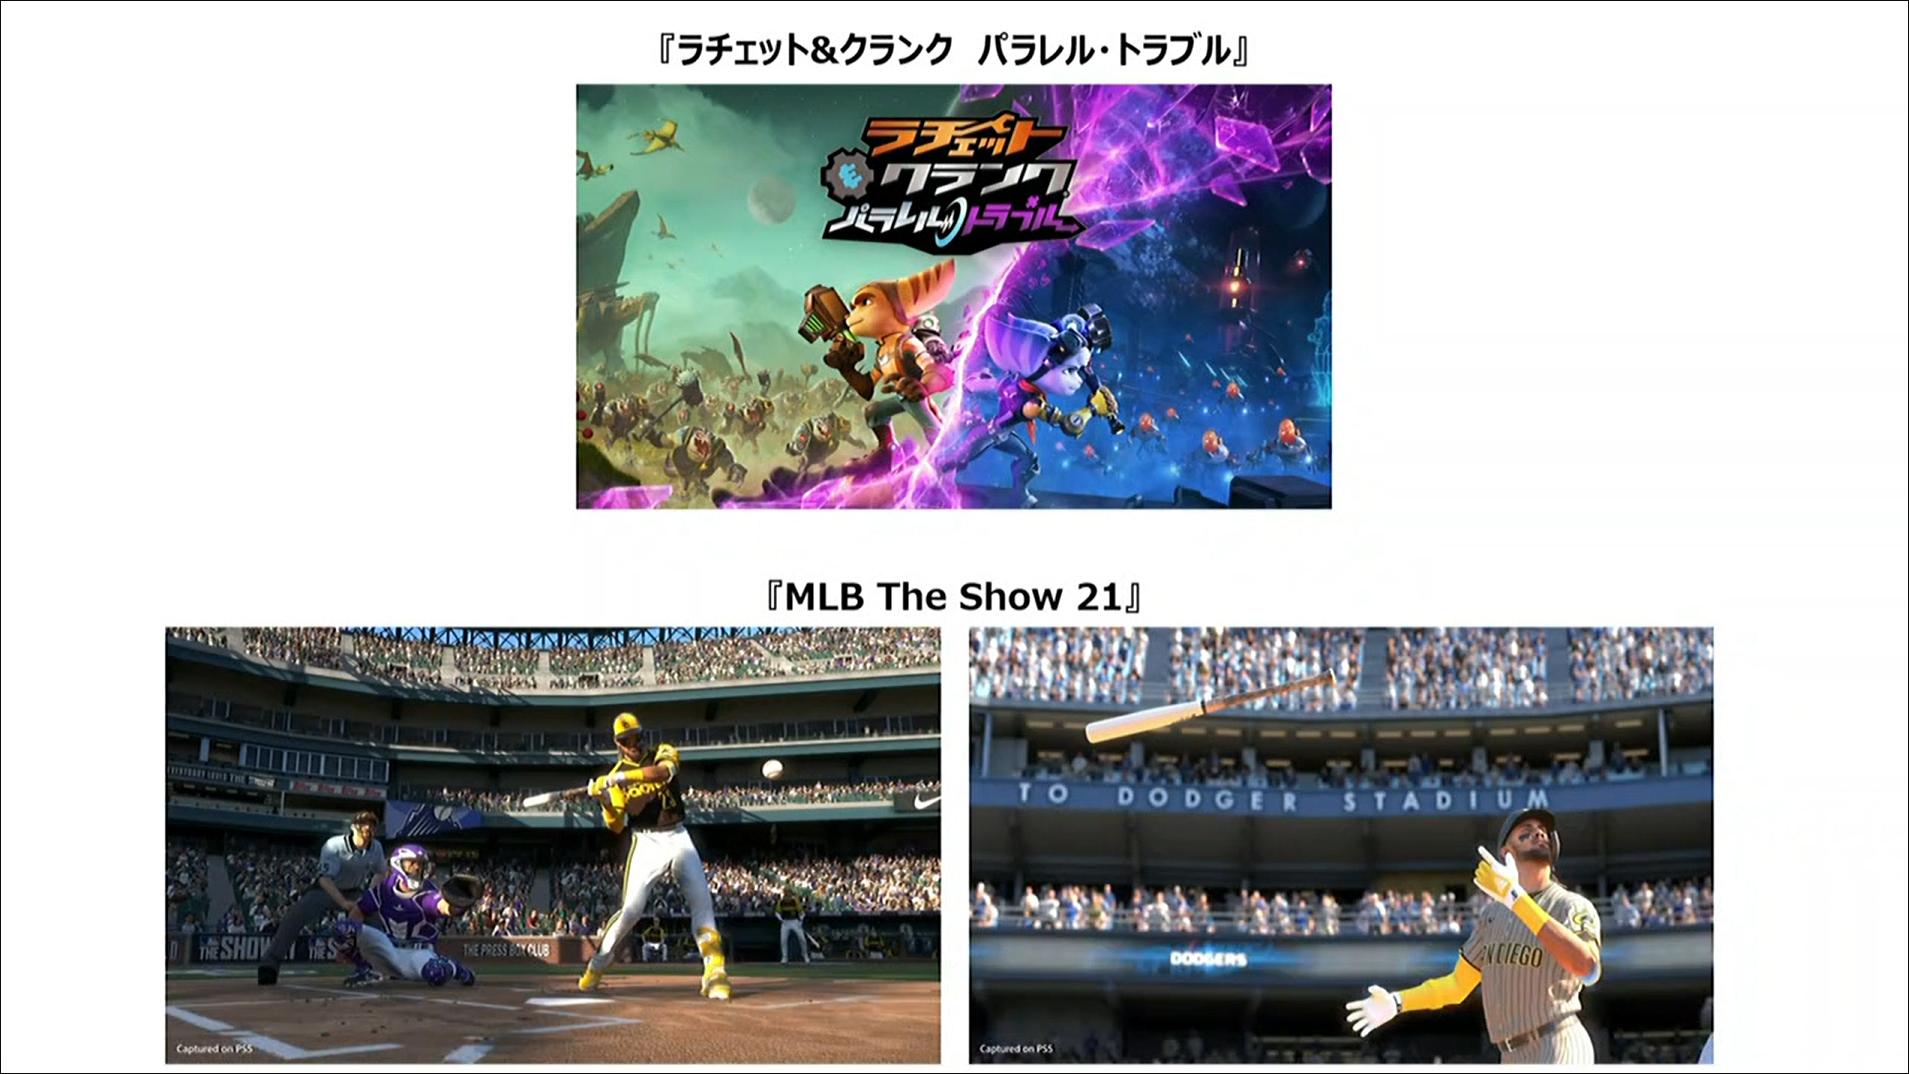 「ラチェット&クランク パラレル・トラブル」「MLB The Show 21」